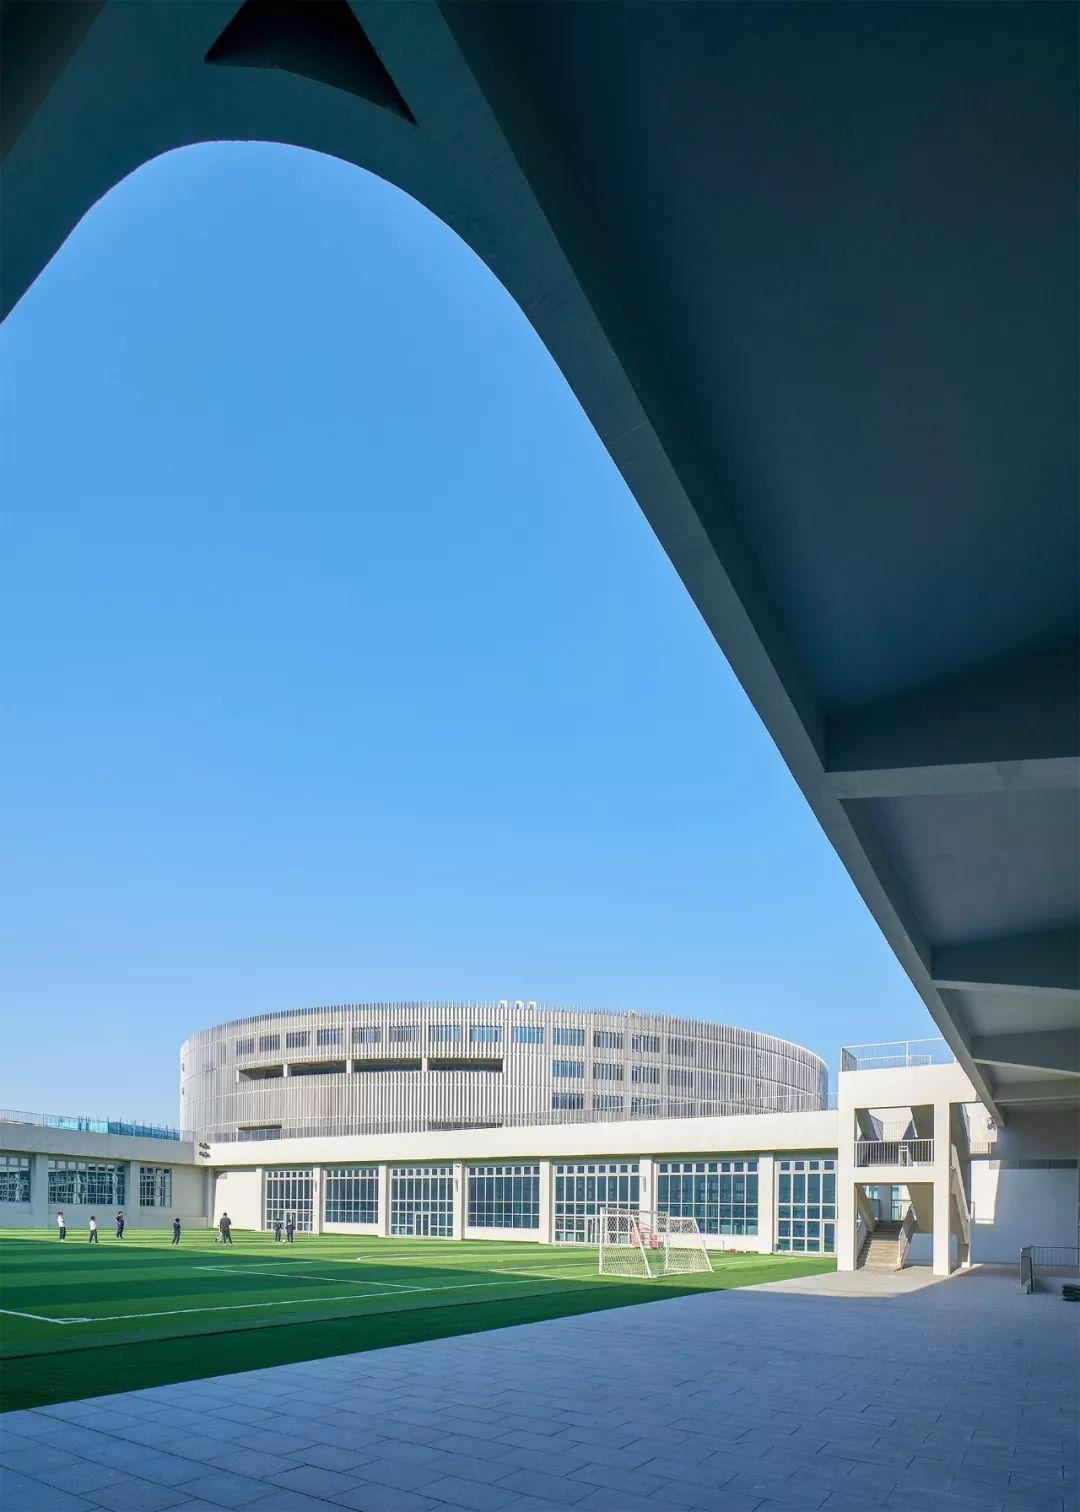 北京十一学校崂山分校:意象、原形、展示_10